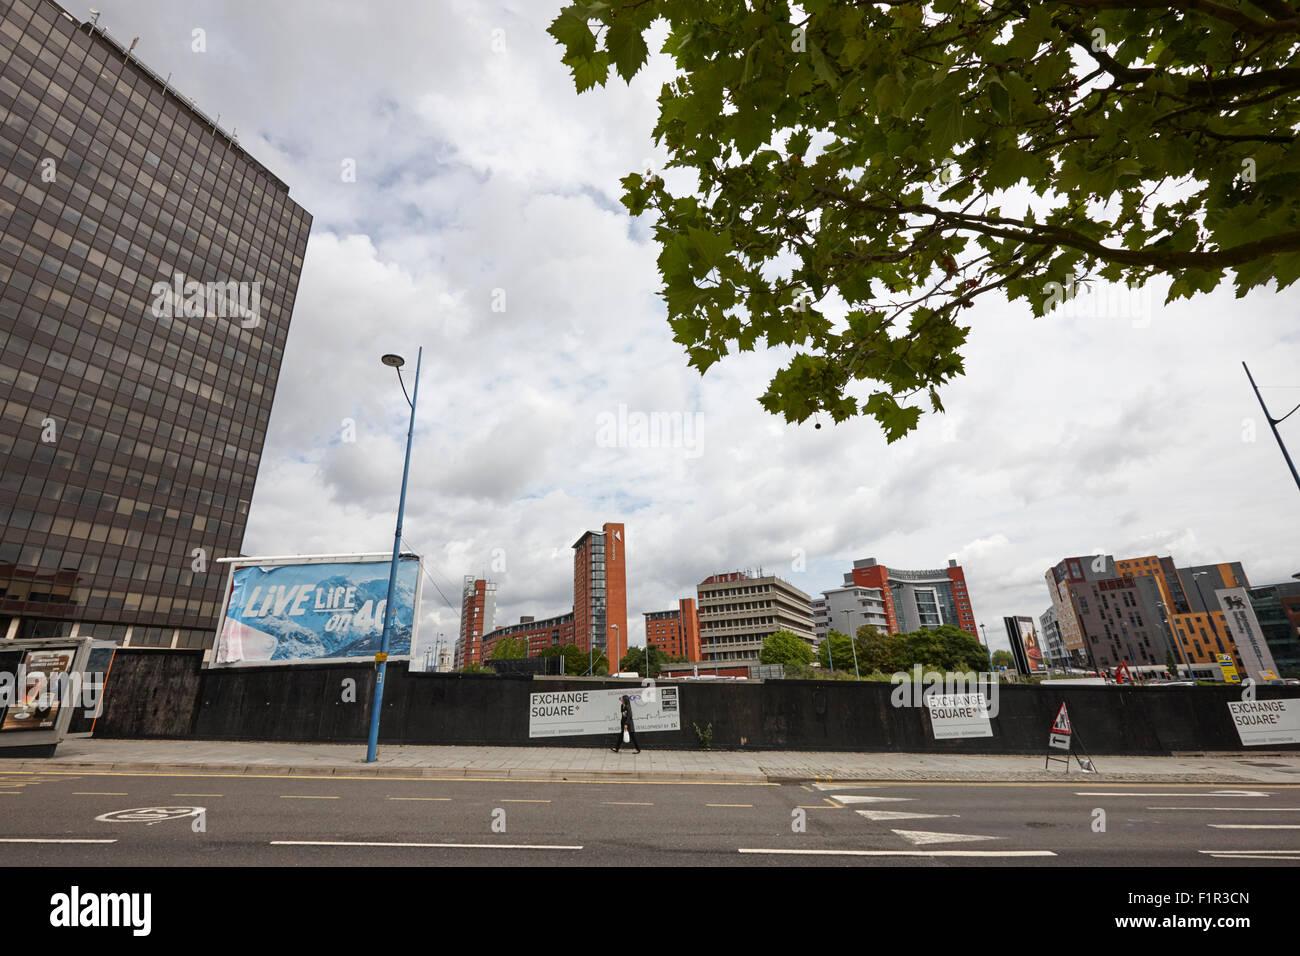 exchange square masshouse redevelopment eastside Birmingham UK - Stock Image